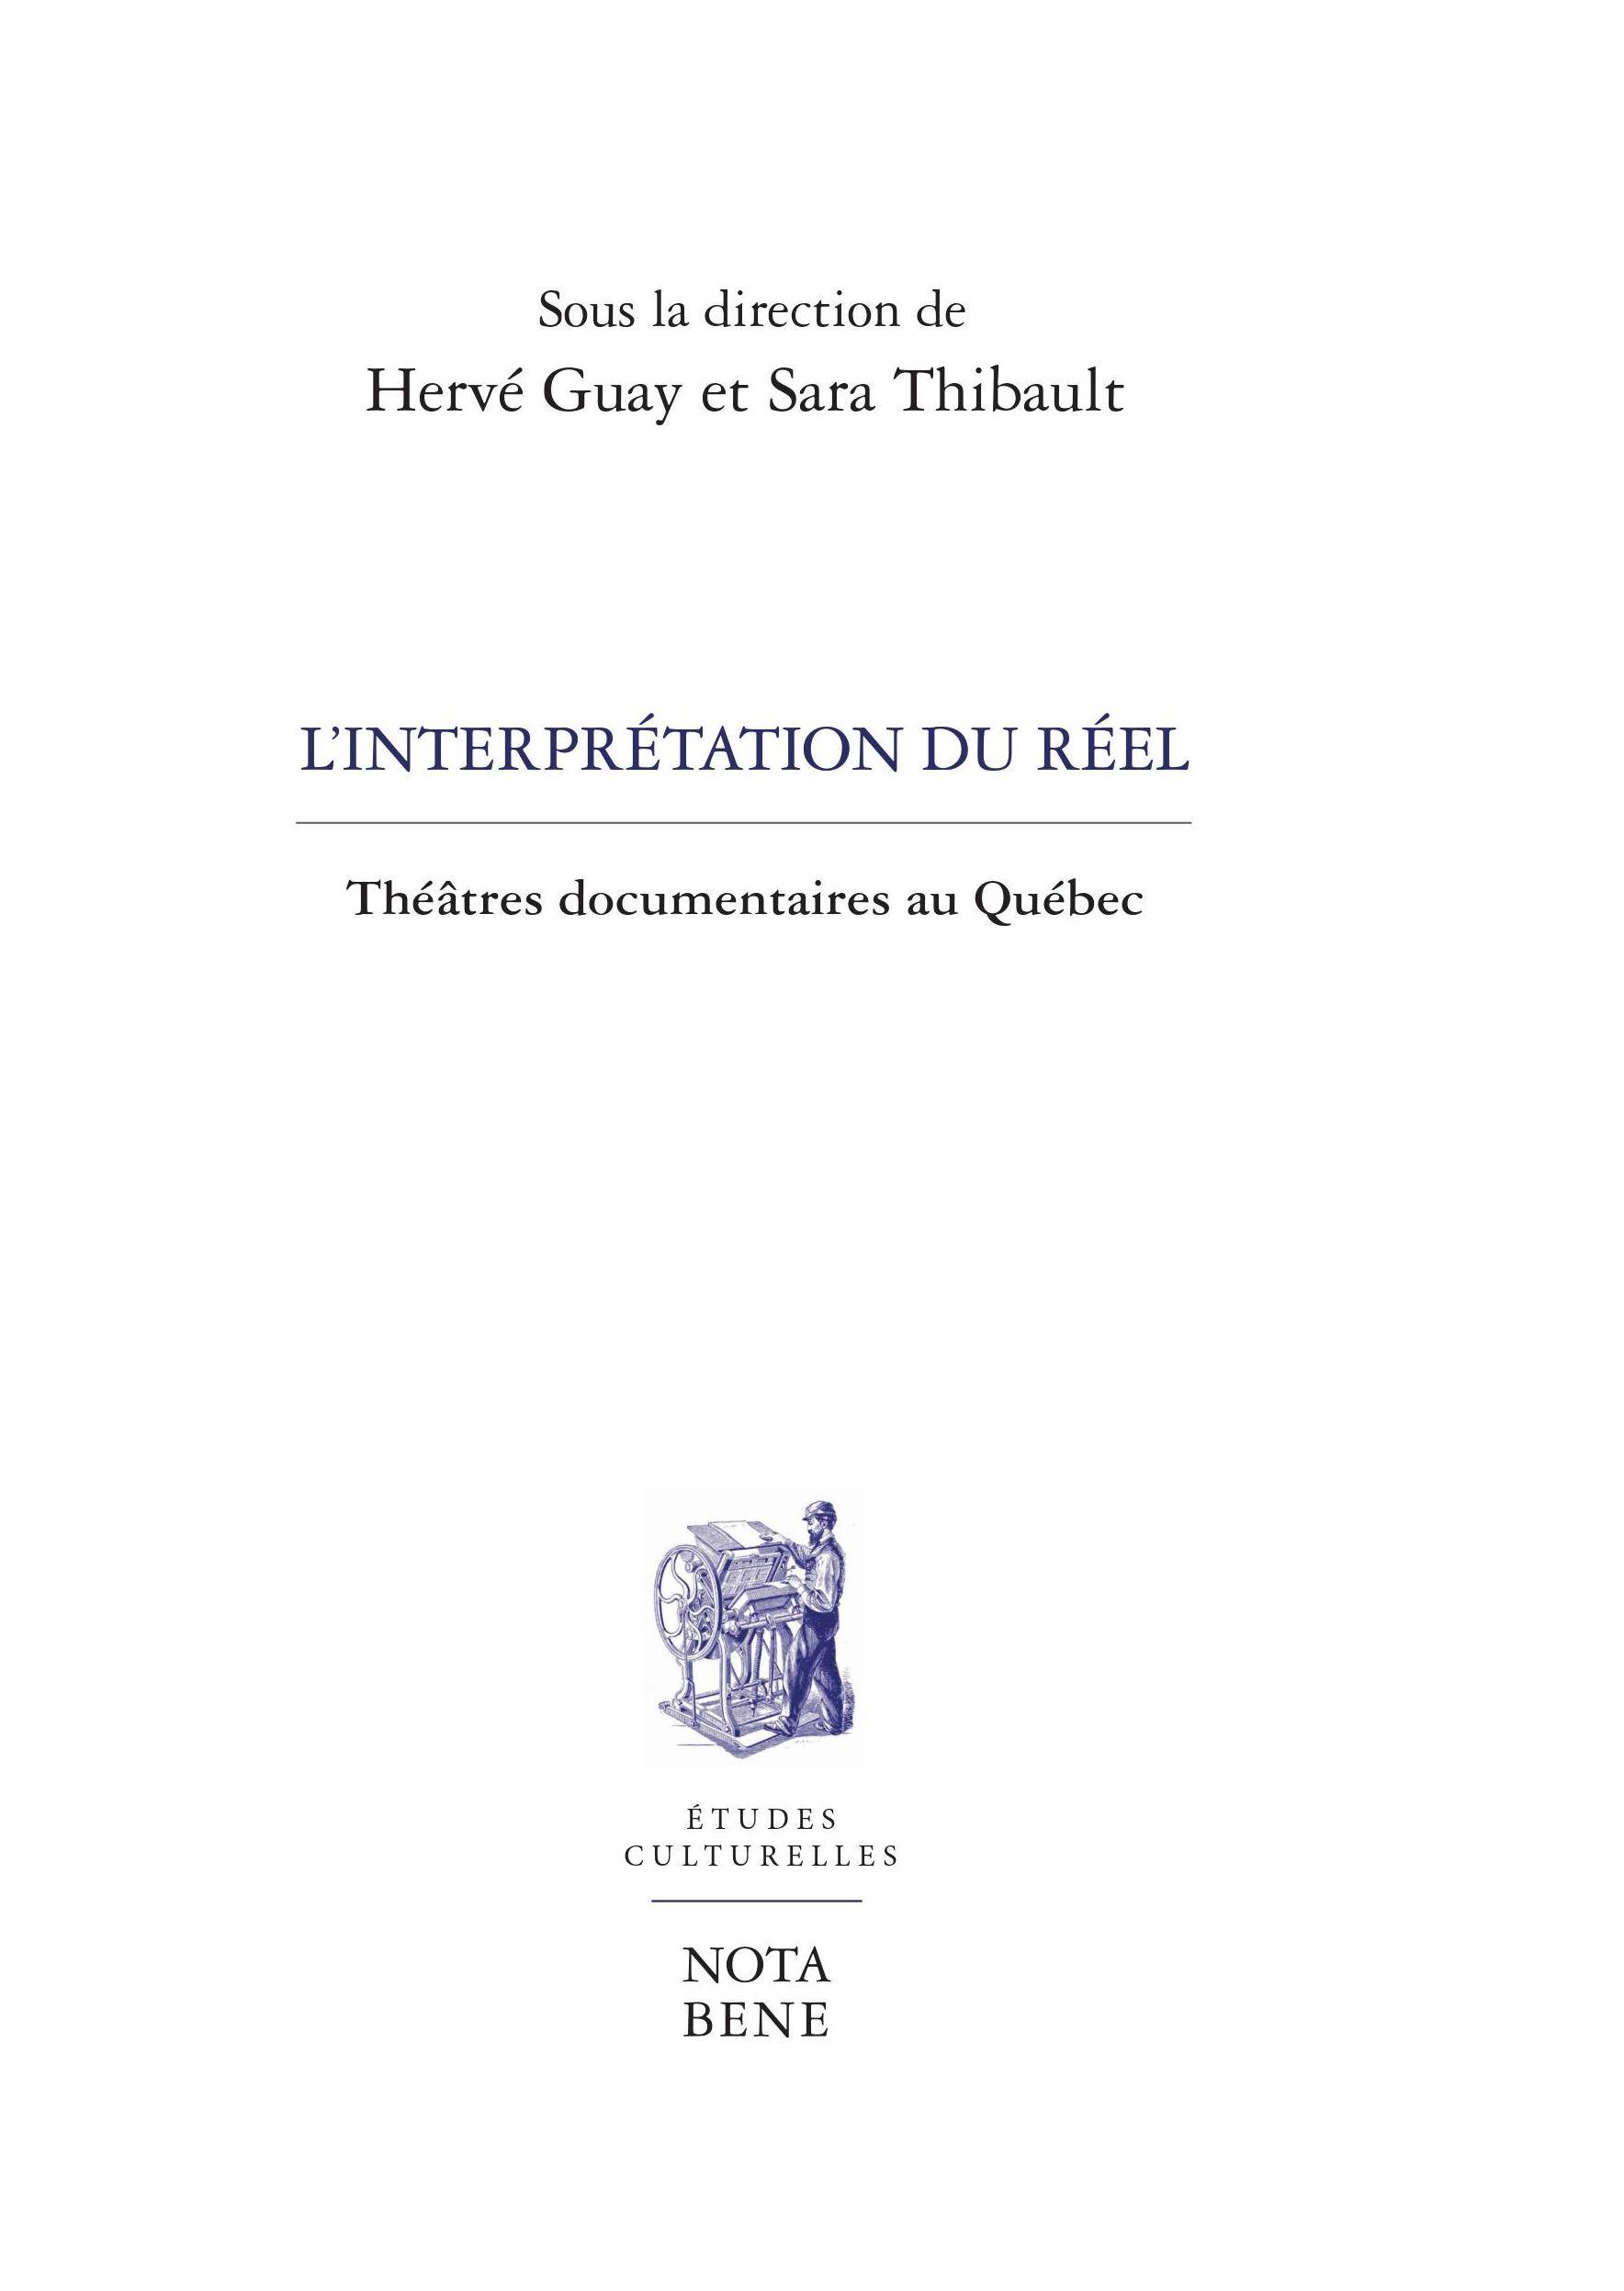 L'interprétation du réel: théâtres documentaires au Québec